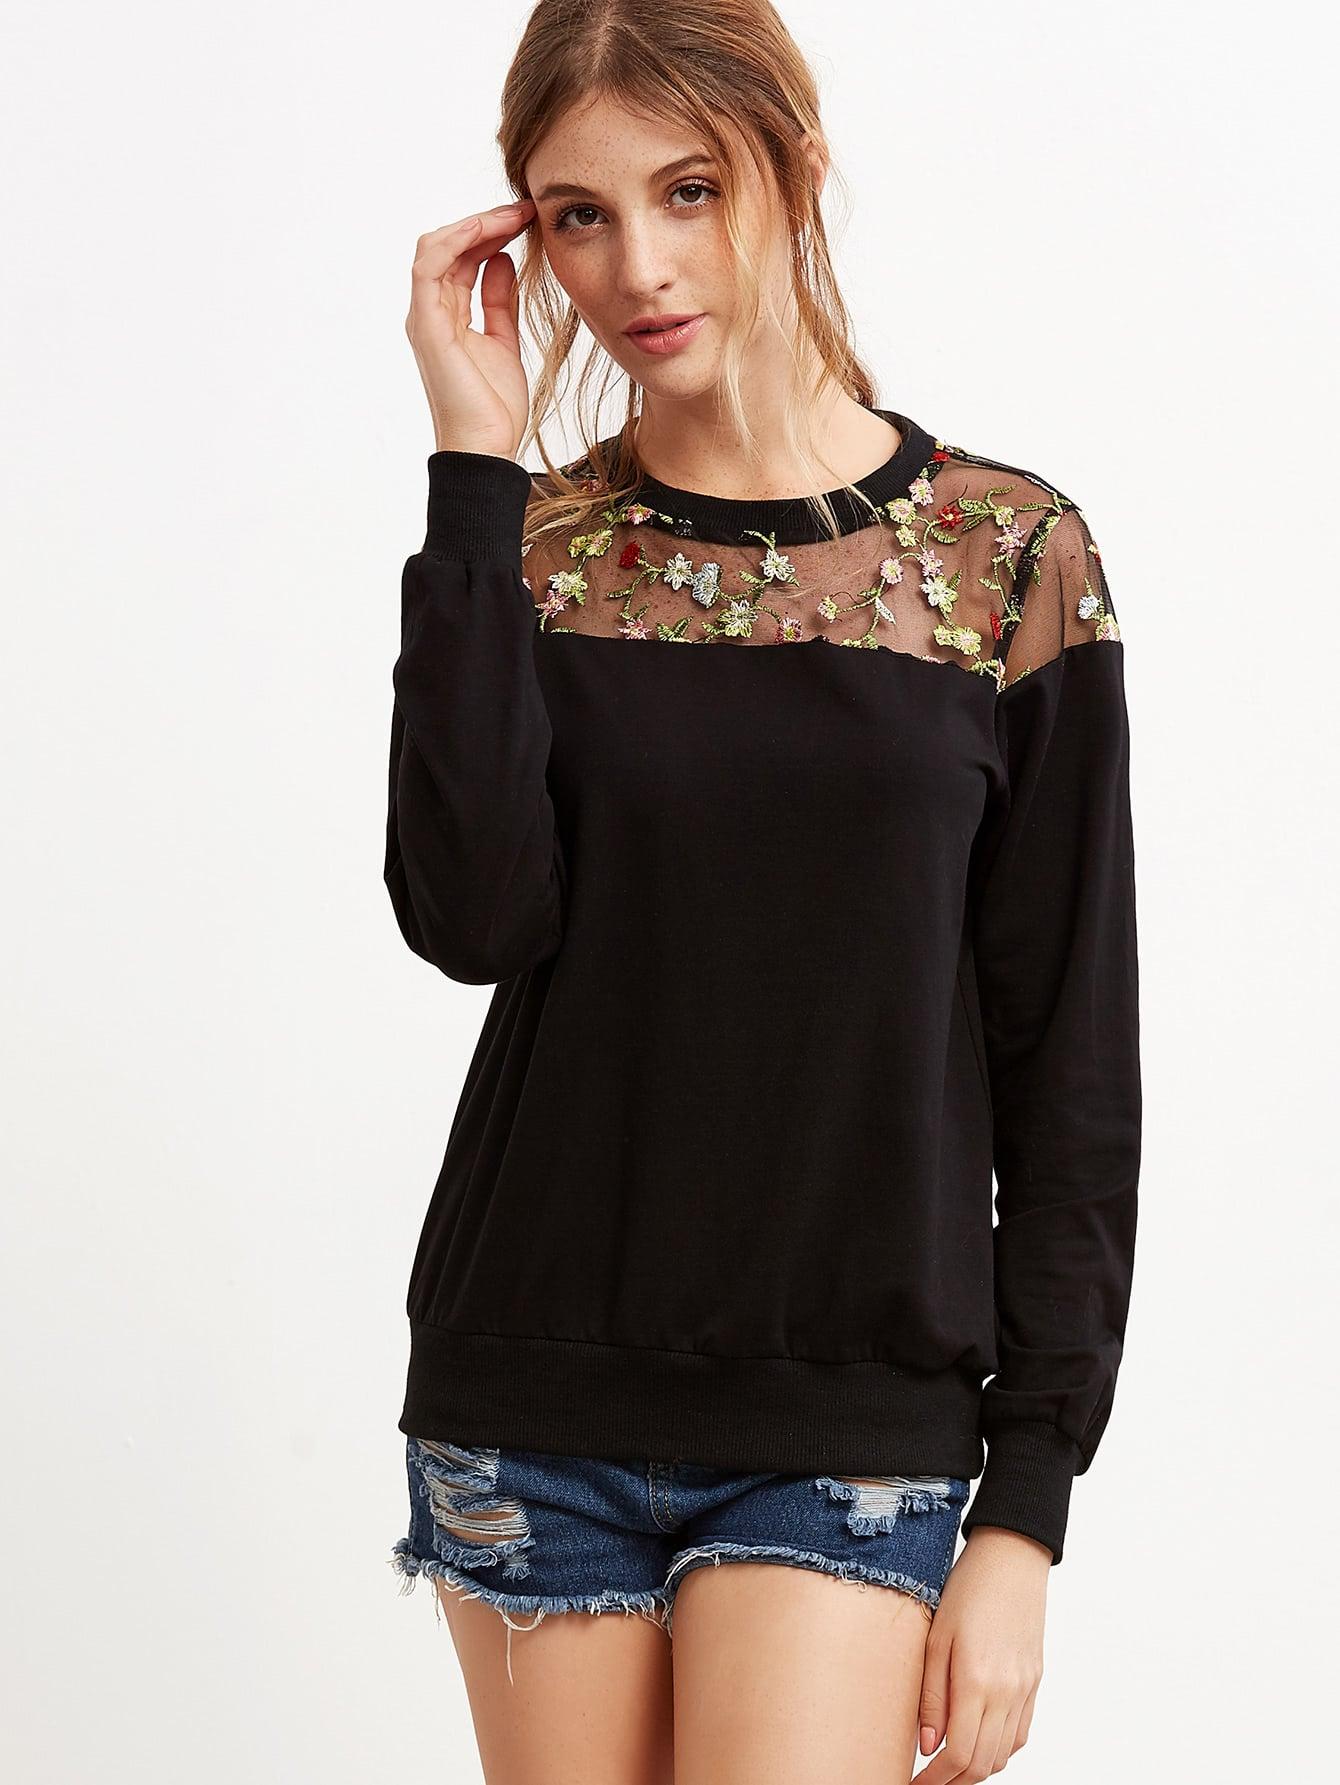 sweatshirt160913703_2